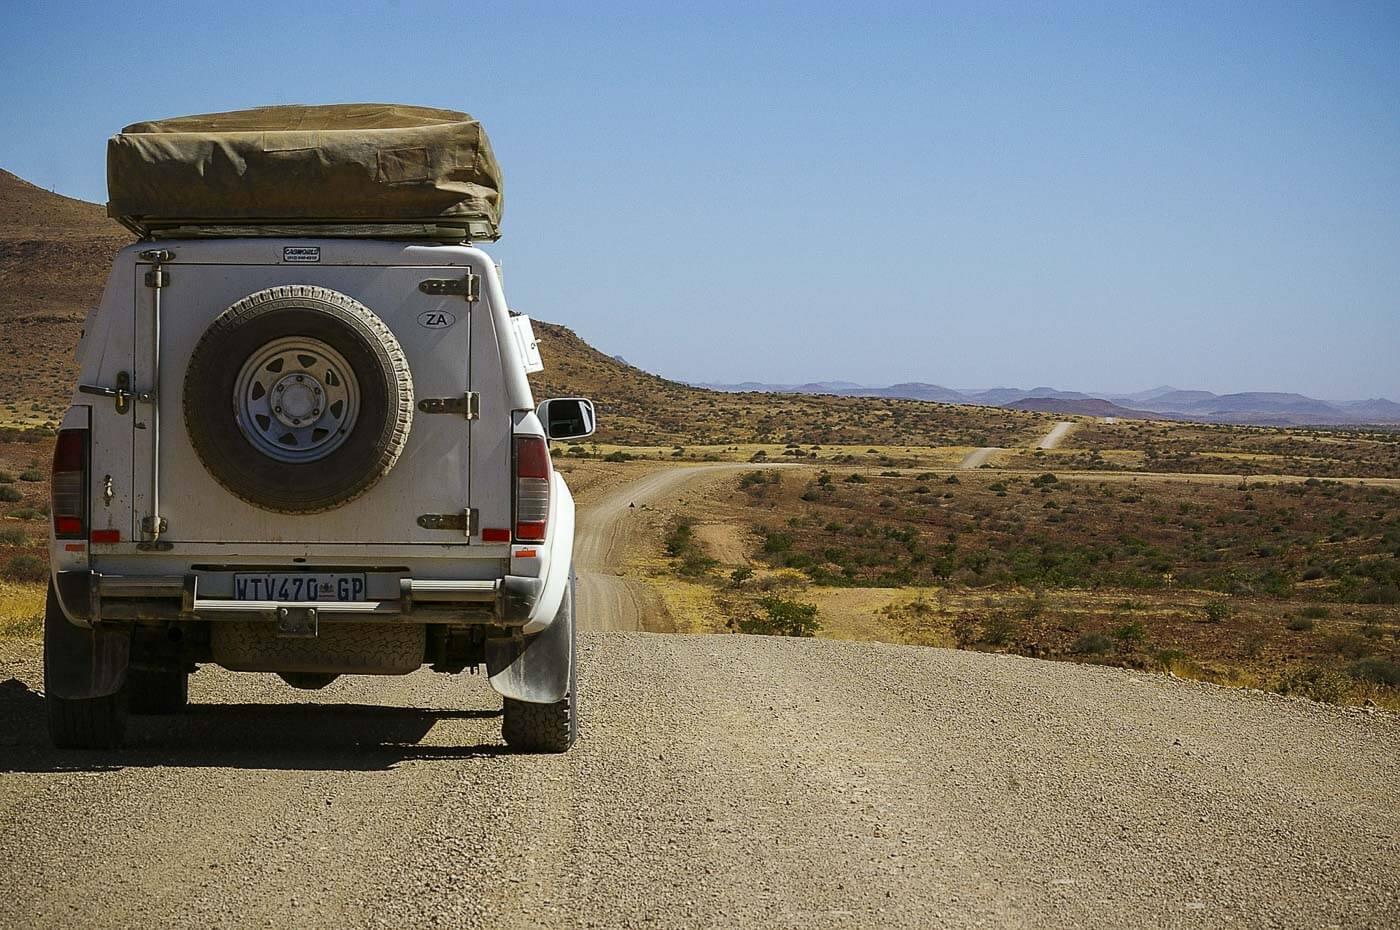 Turismo na Namíbia - Carro com barraca de camping no teto